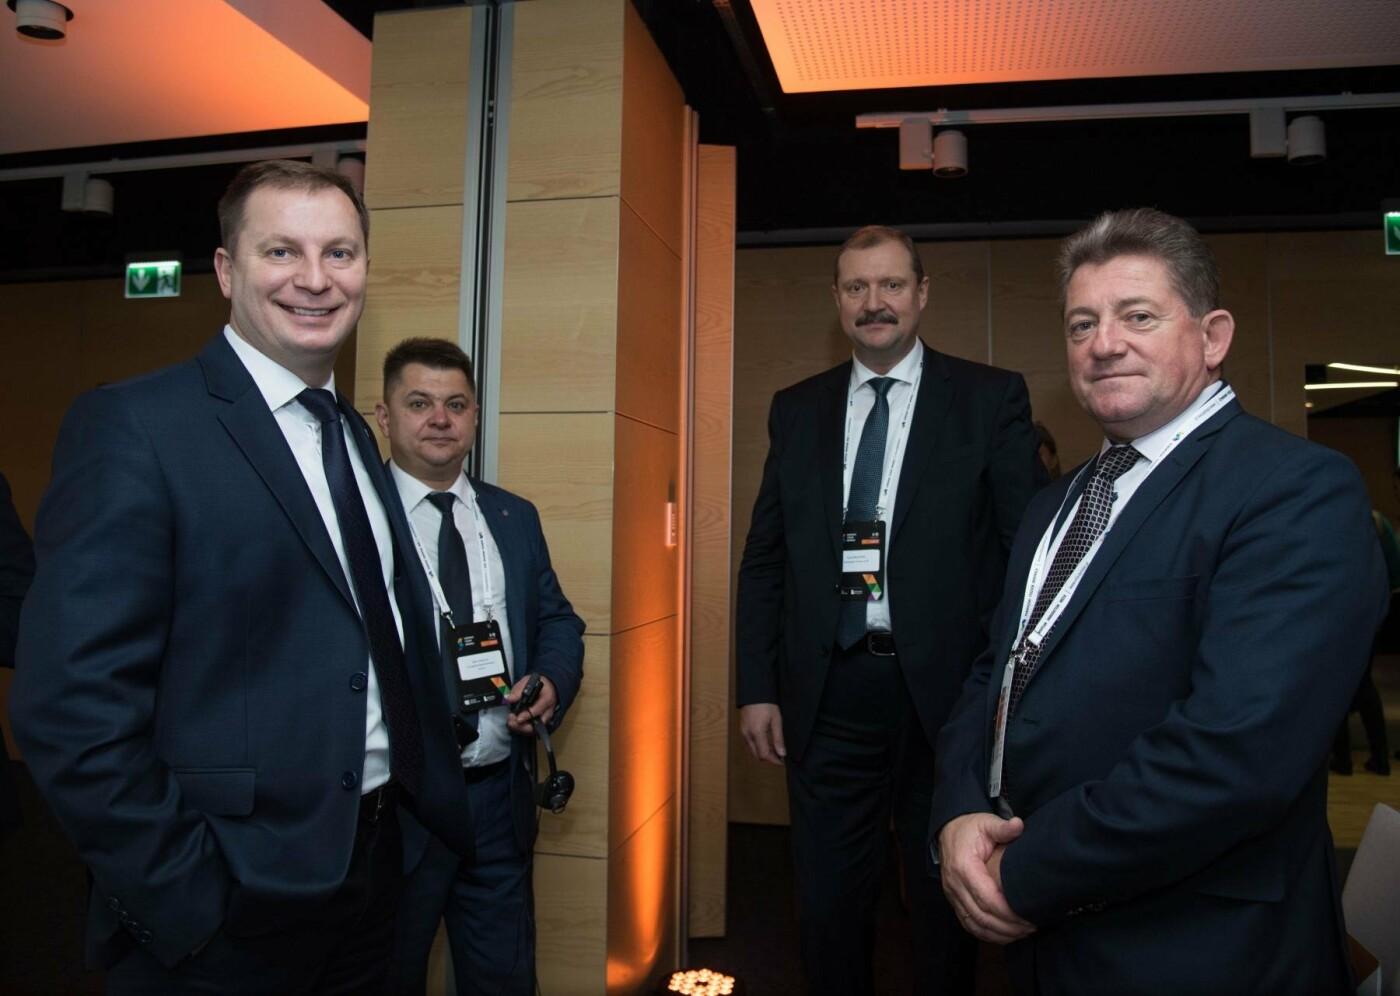 Степан Барна: Співробітництво з Люблінським воєводством – це можливість залучення нових інвестицій в економіку області (фото, відео) , фото-2